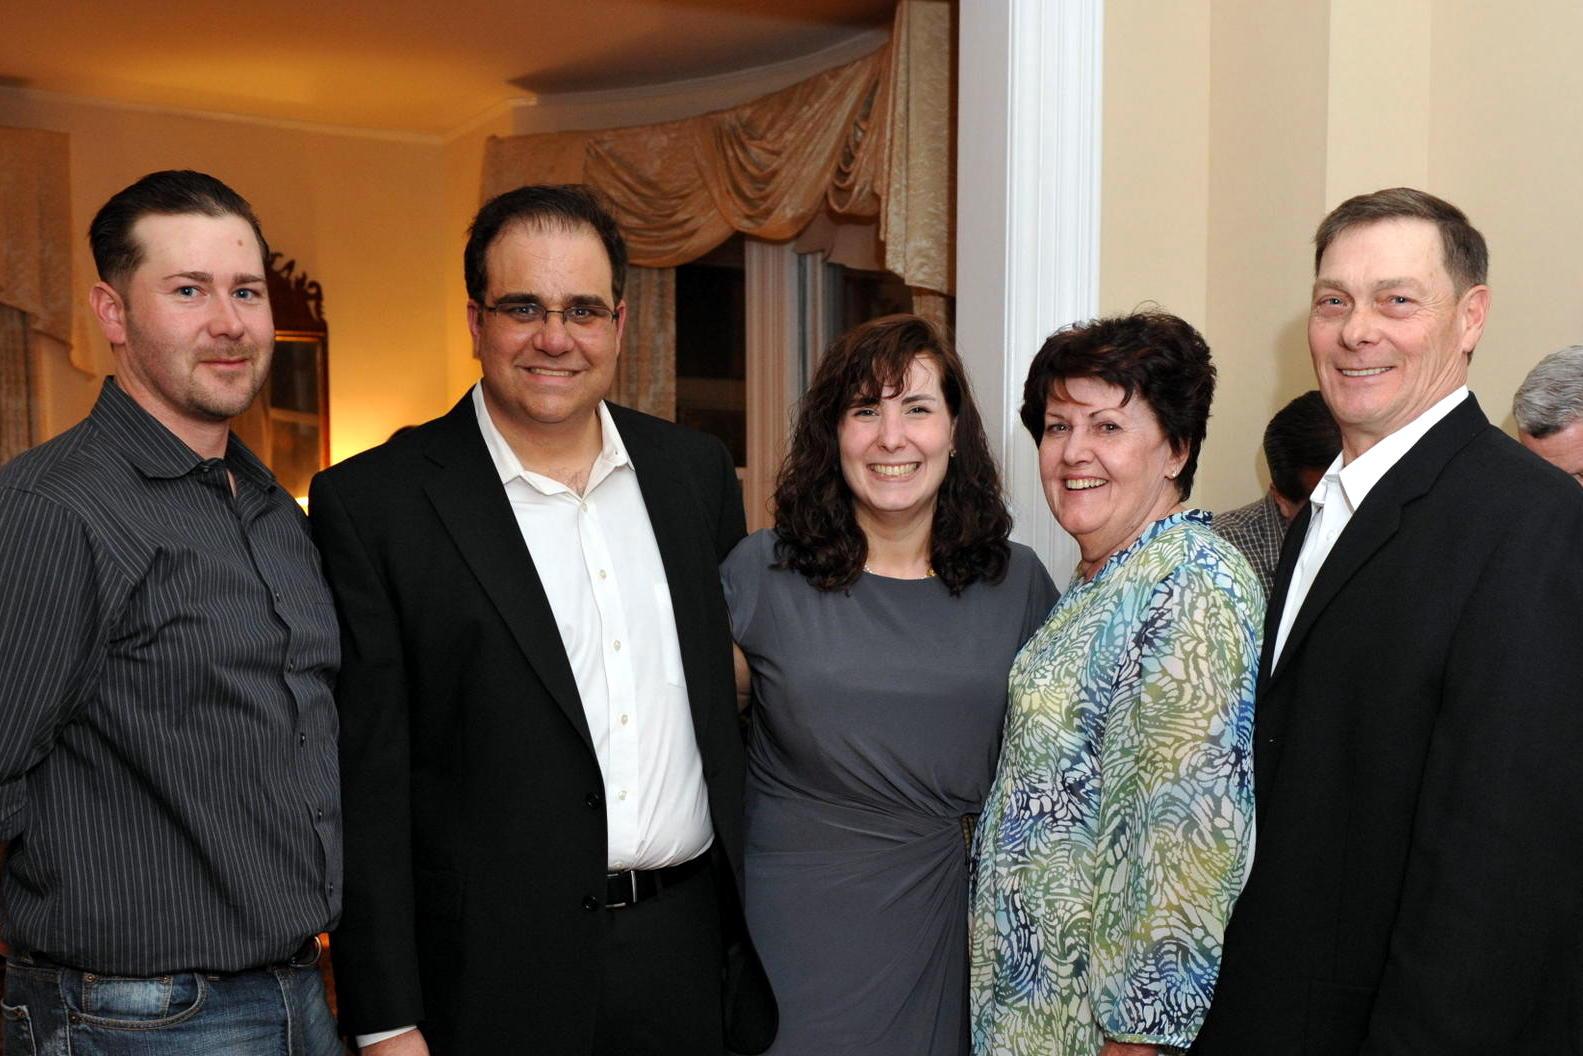 Mara's Family